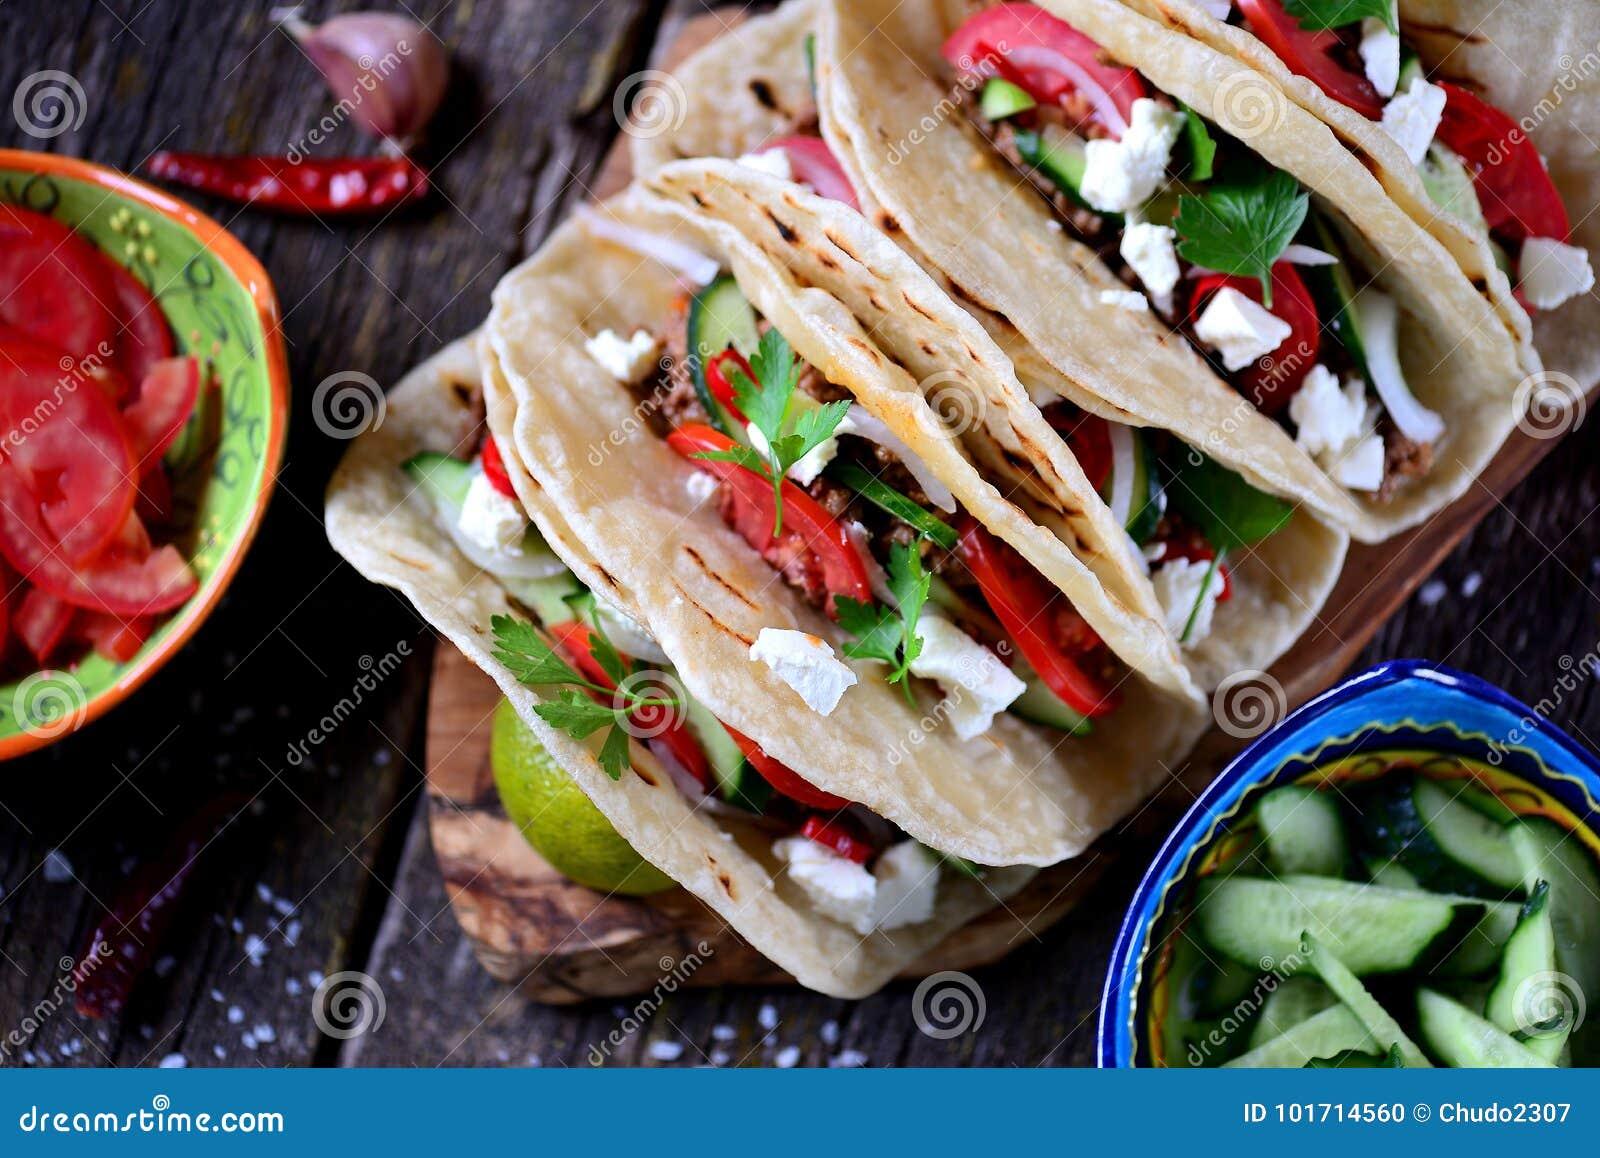 Tacos caseiros com carne triturada no molho de tomate com tomates frescos, pepinos, pimentão e queijo macio Alimento mexicano